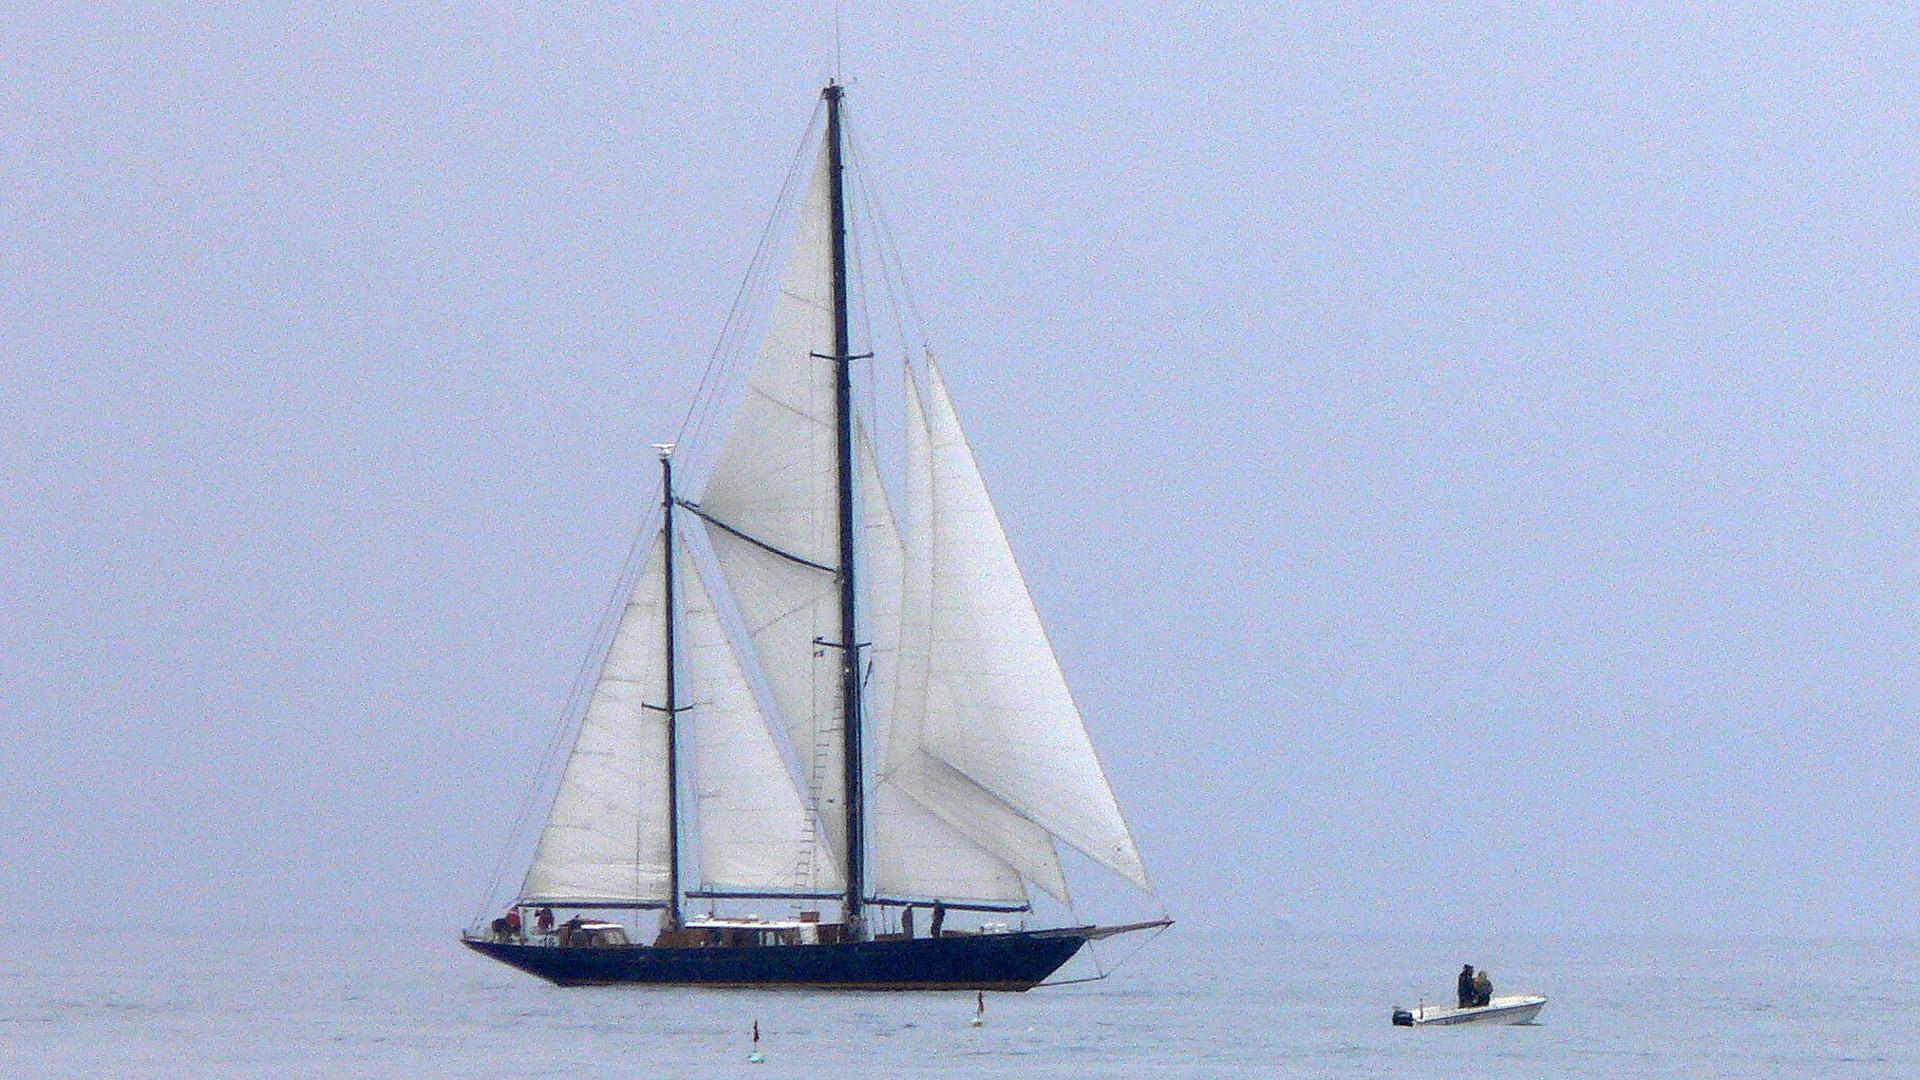 sintra-sailing-yacht-abeking-rasmussen-1959-33m-cruising-profile